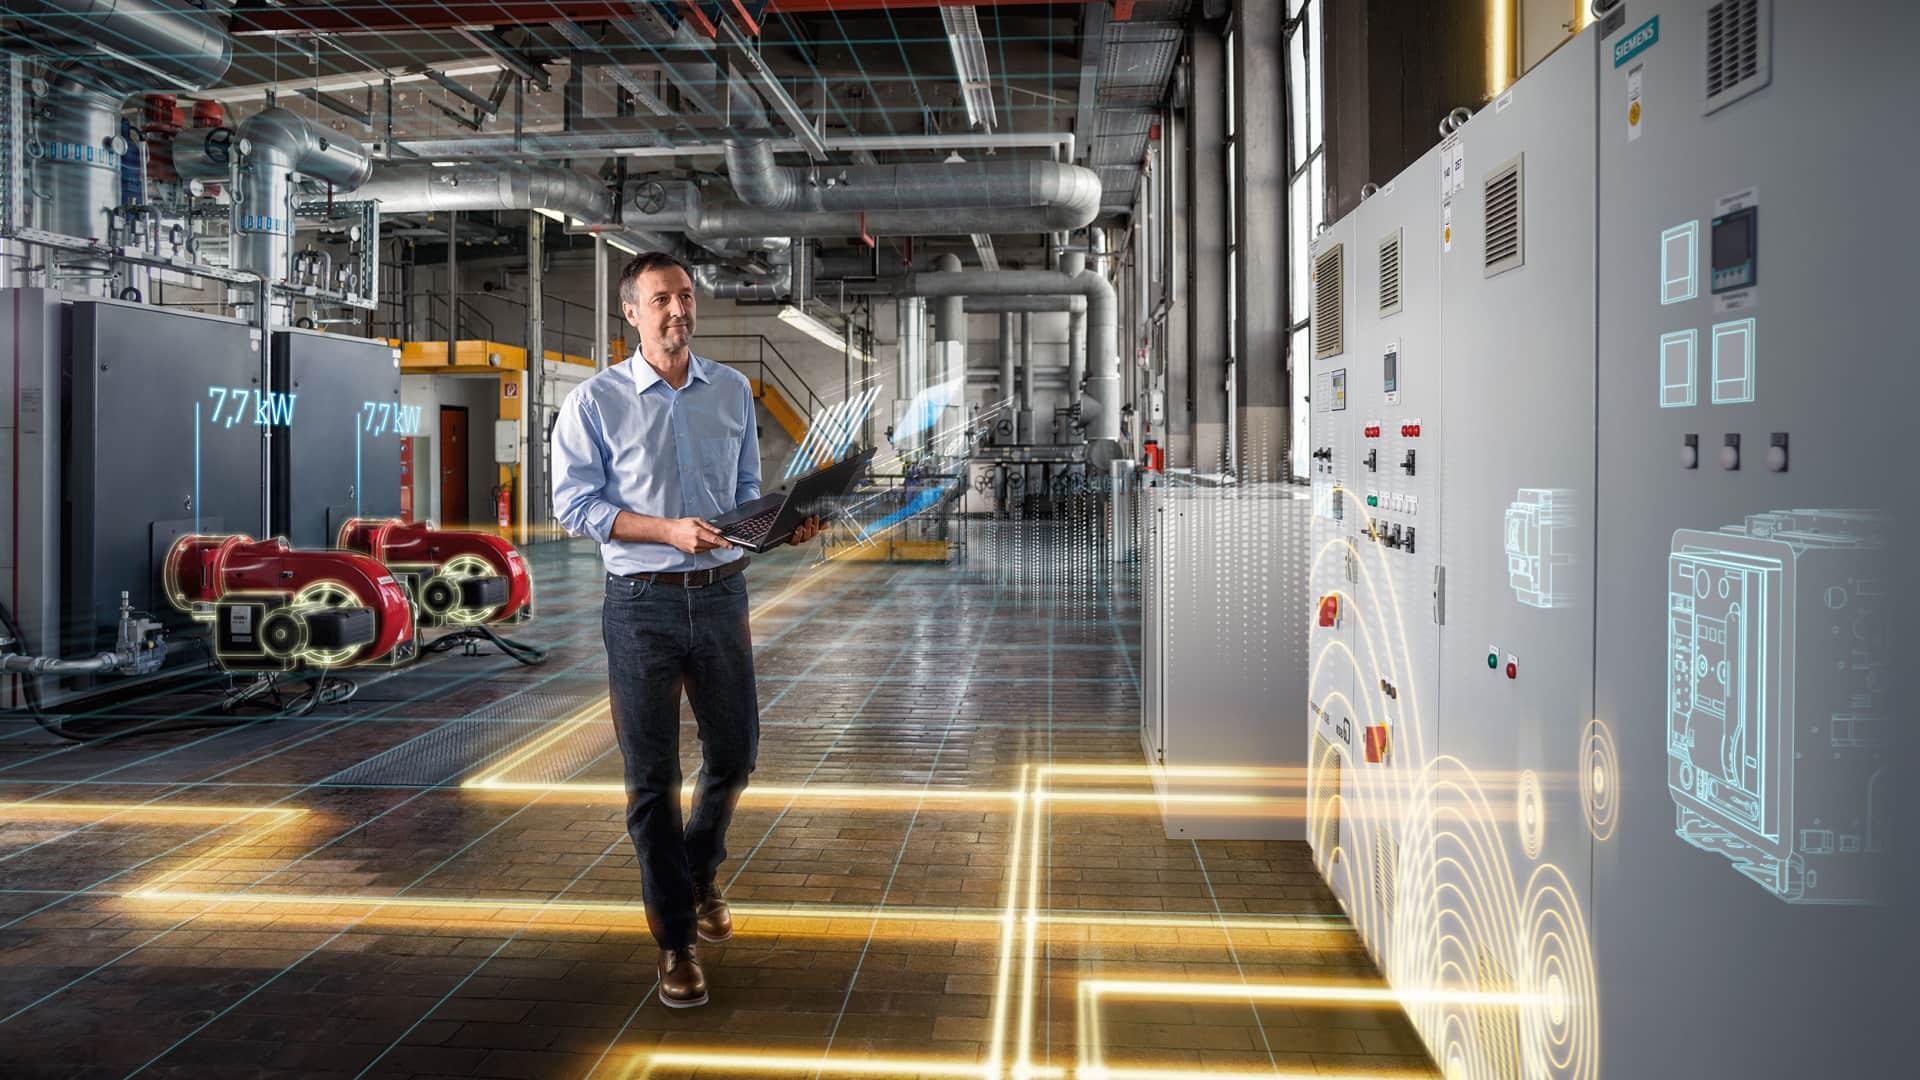 Siemens: Energiemonitoring einfach gemacht